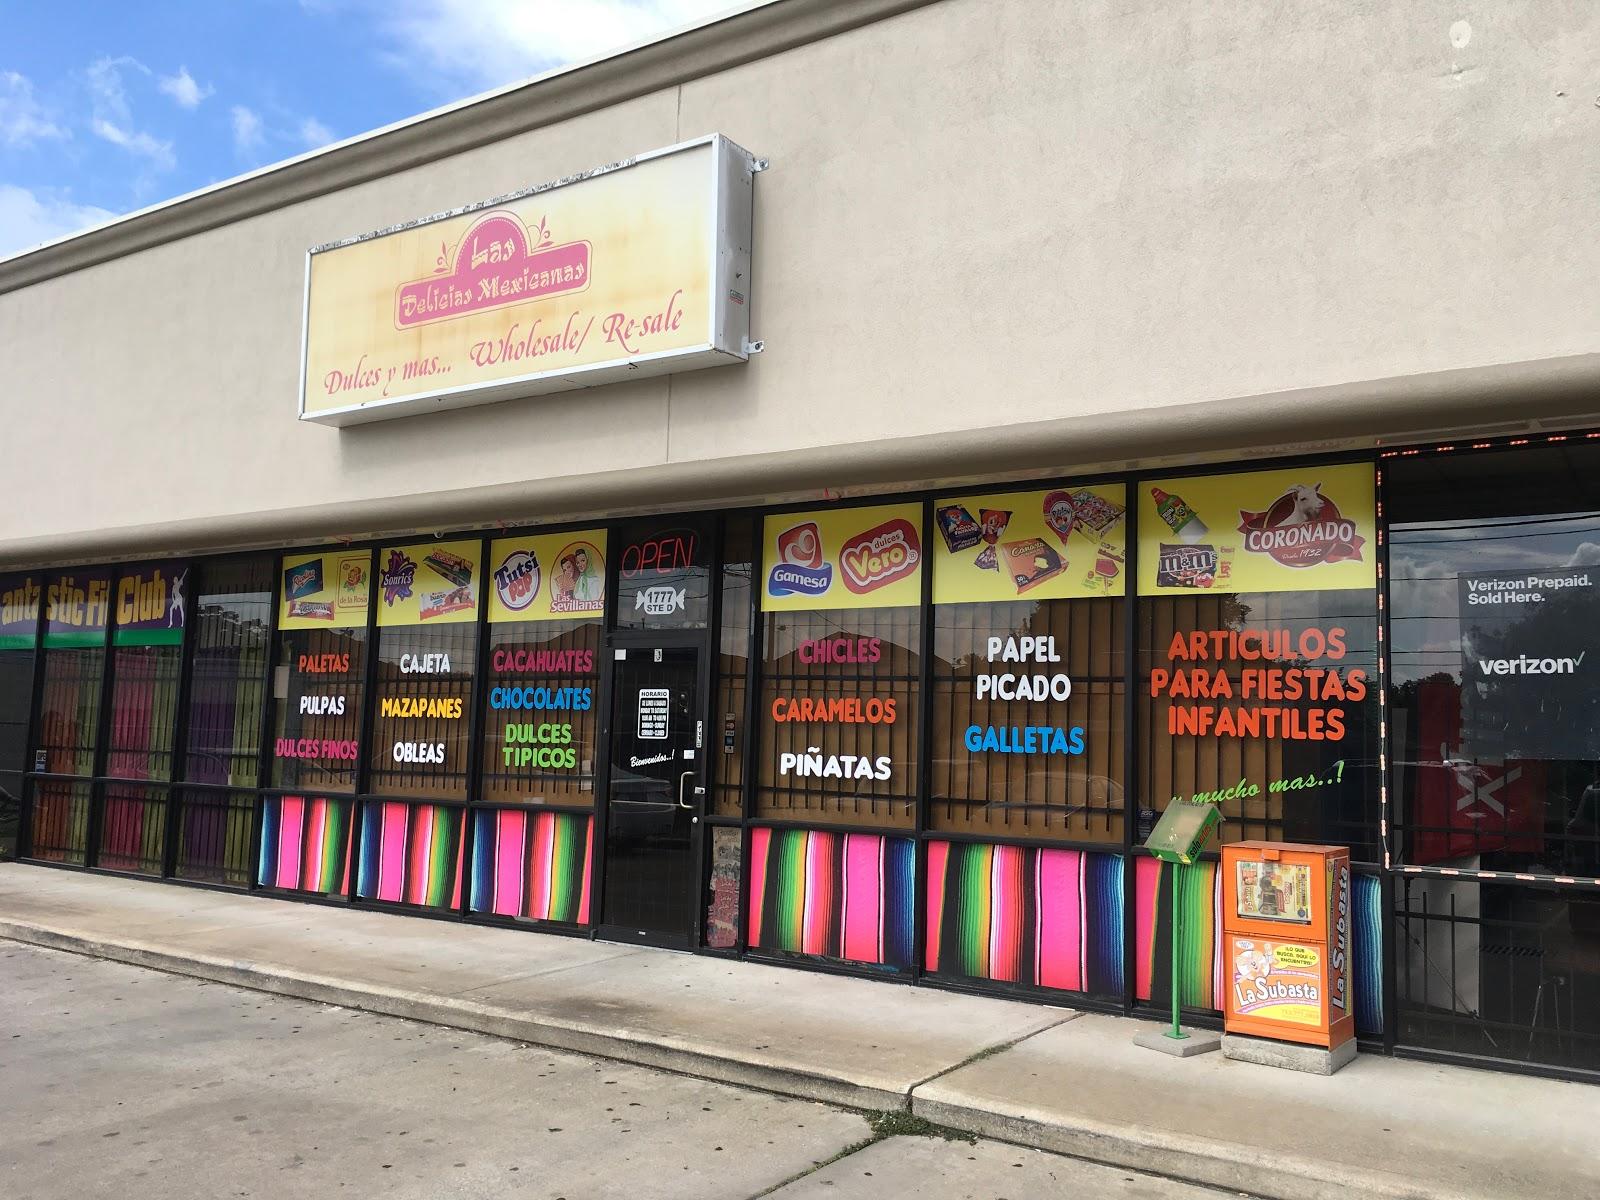 Houston Food Explorers: Las Delicias Mexicanas - Your One